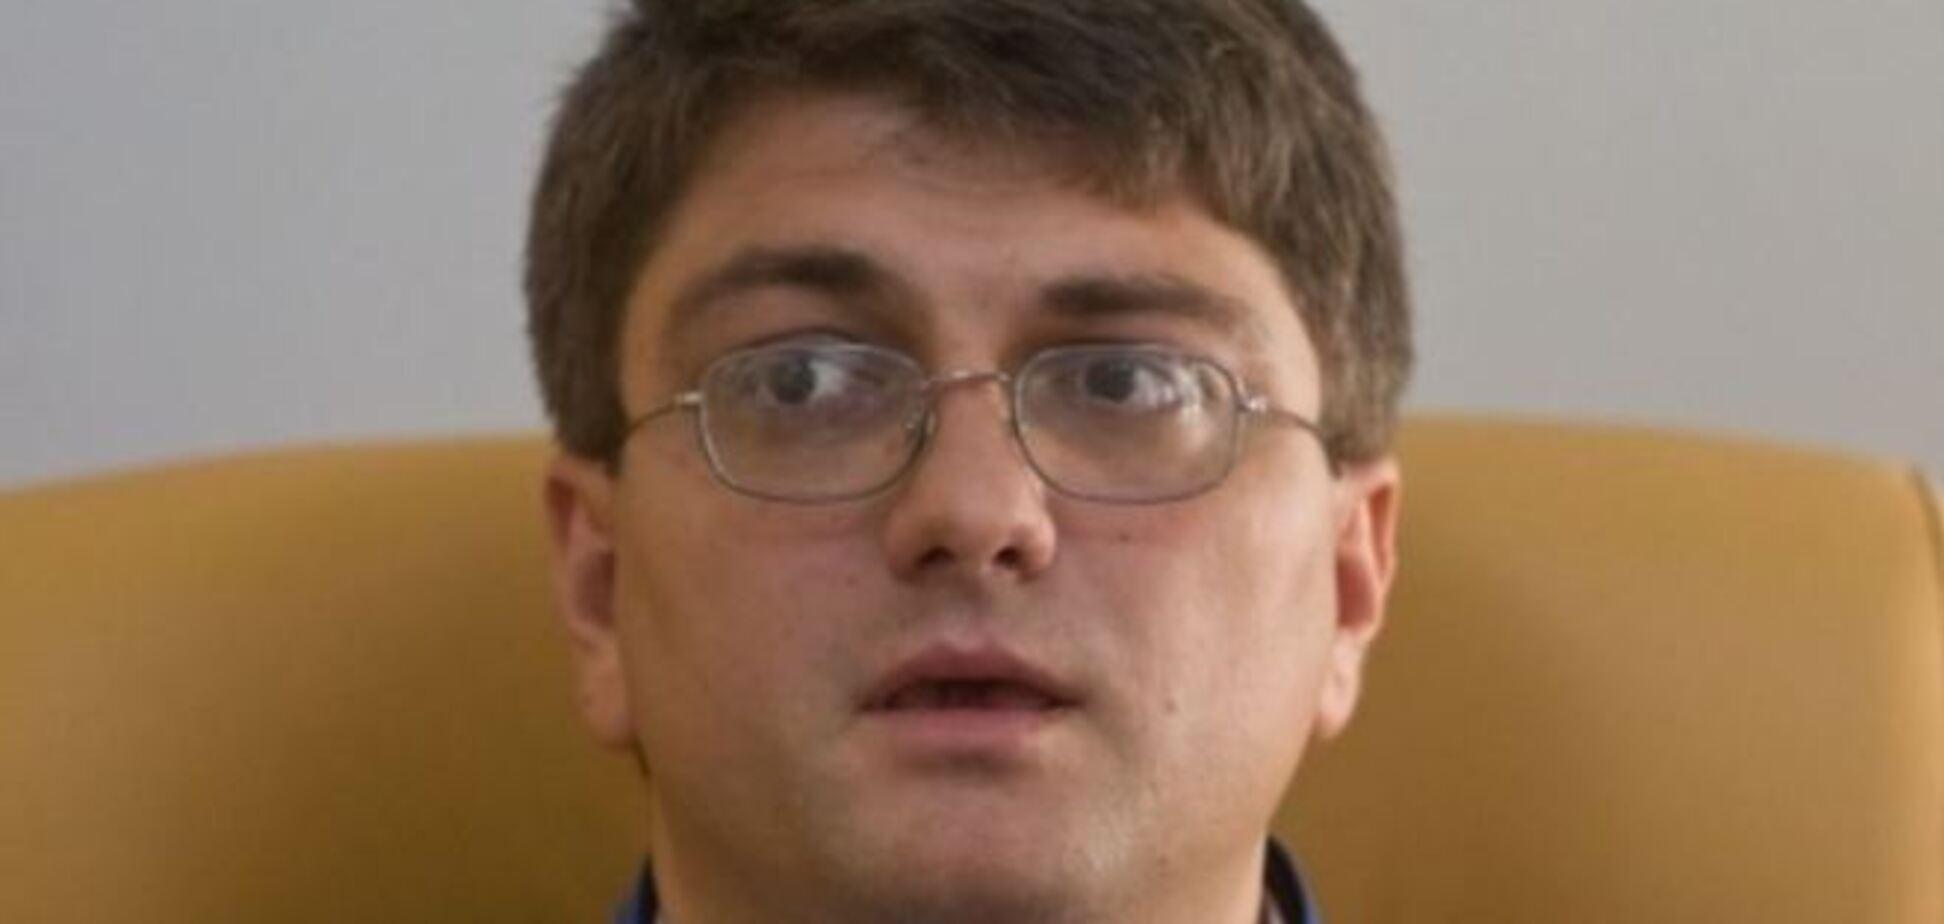 МВС України оголосило суддю Кірєєва в розшук